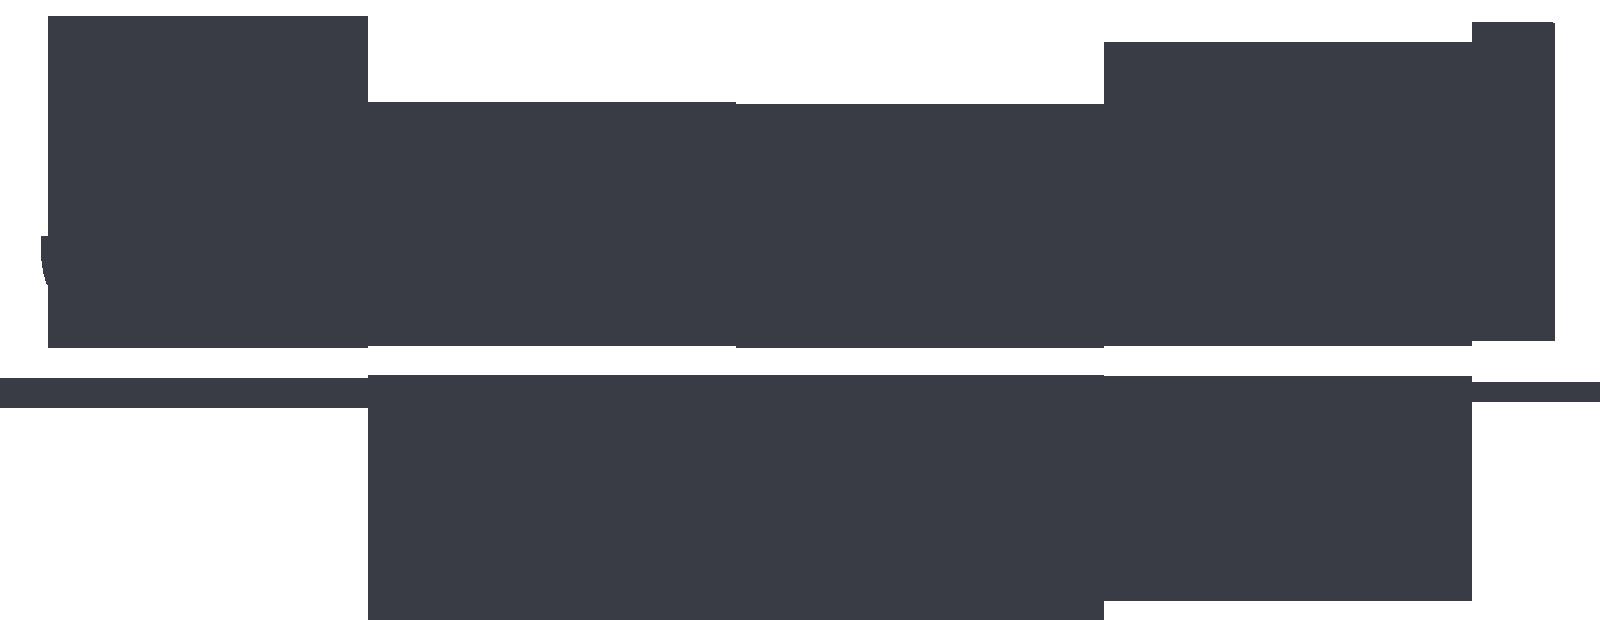 Sercotel expande su negocio en América Latina con un nuevo hotel en Colombia